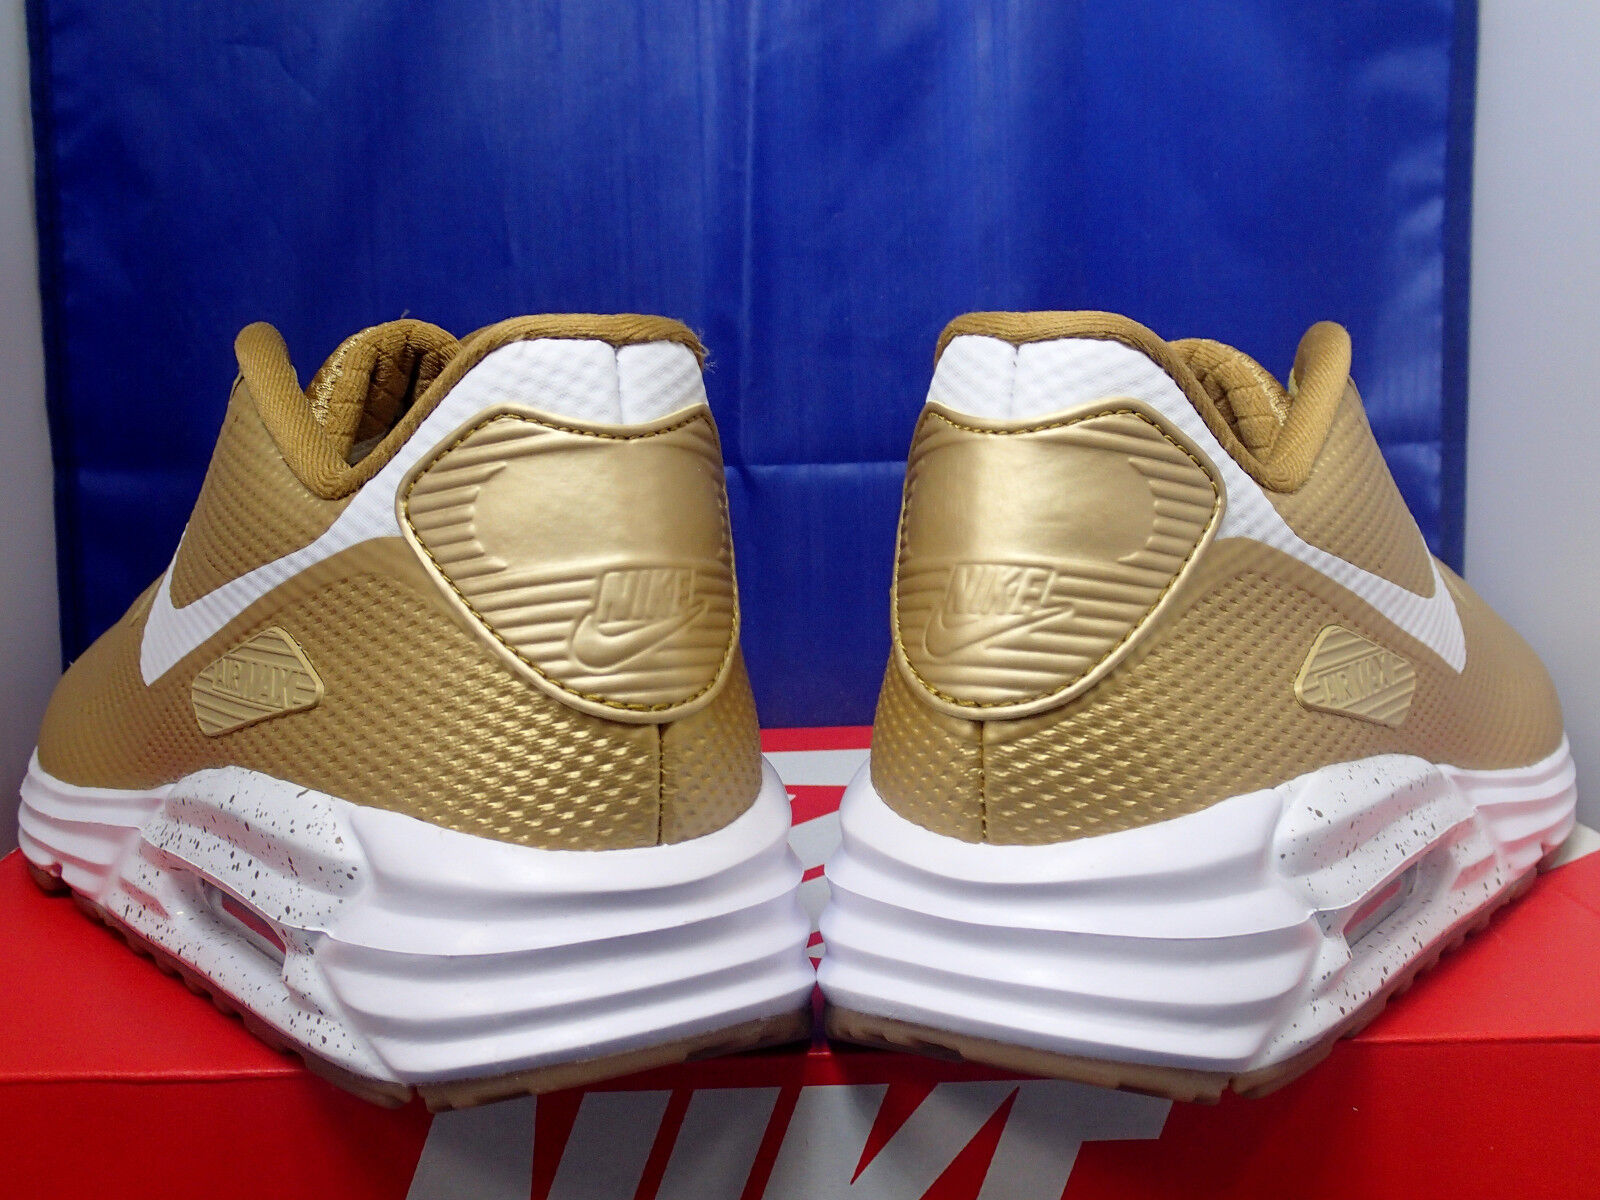 Damen Nike Air Max 90 Hyperfuse Premium Identifikation Gold-Weiß Gum Gum Gold-Weiß Sz 9 c21f80